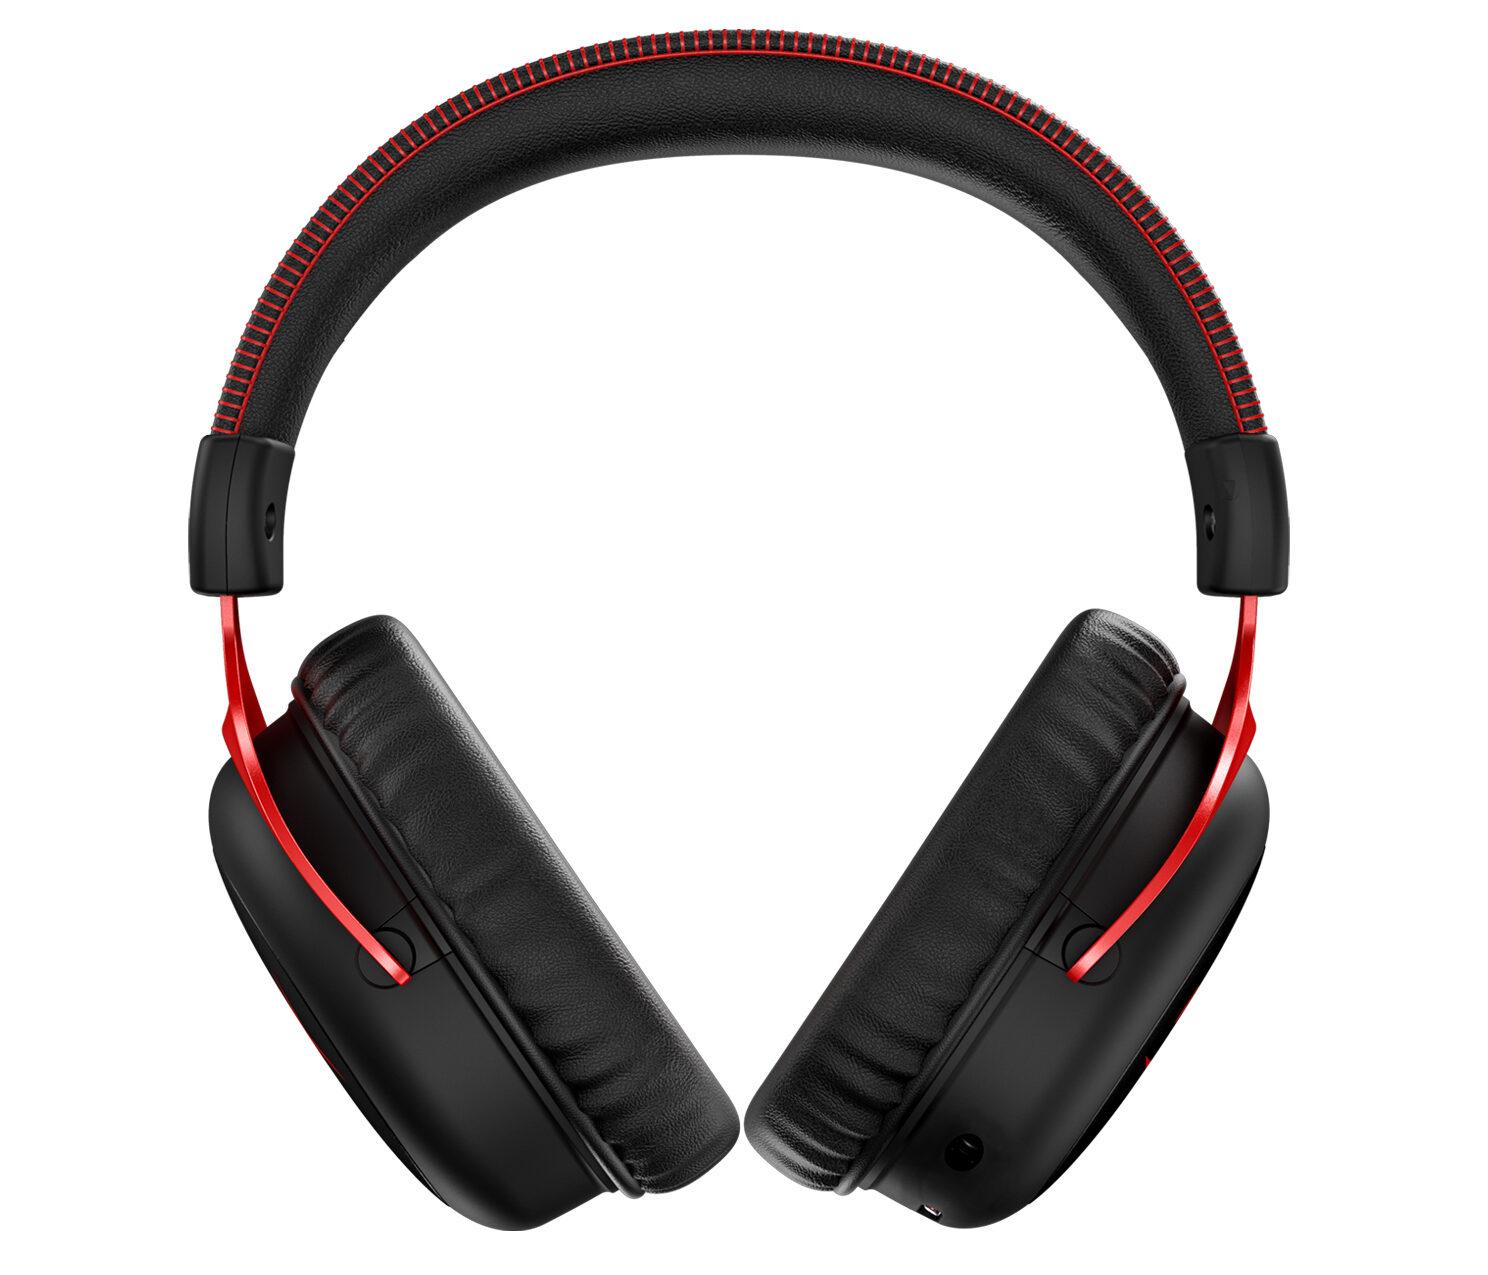 HyperX Cloud II wireless headset review